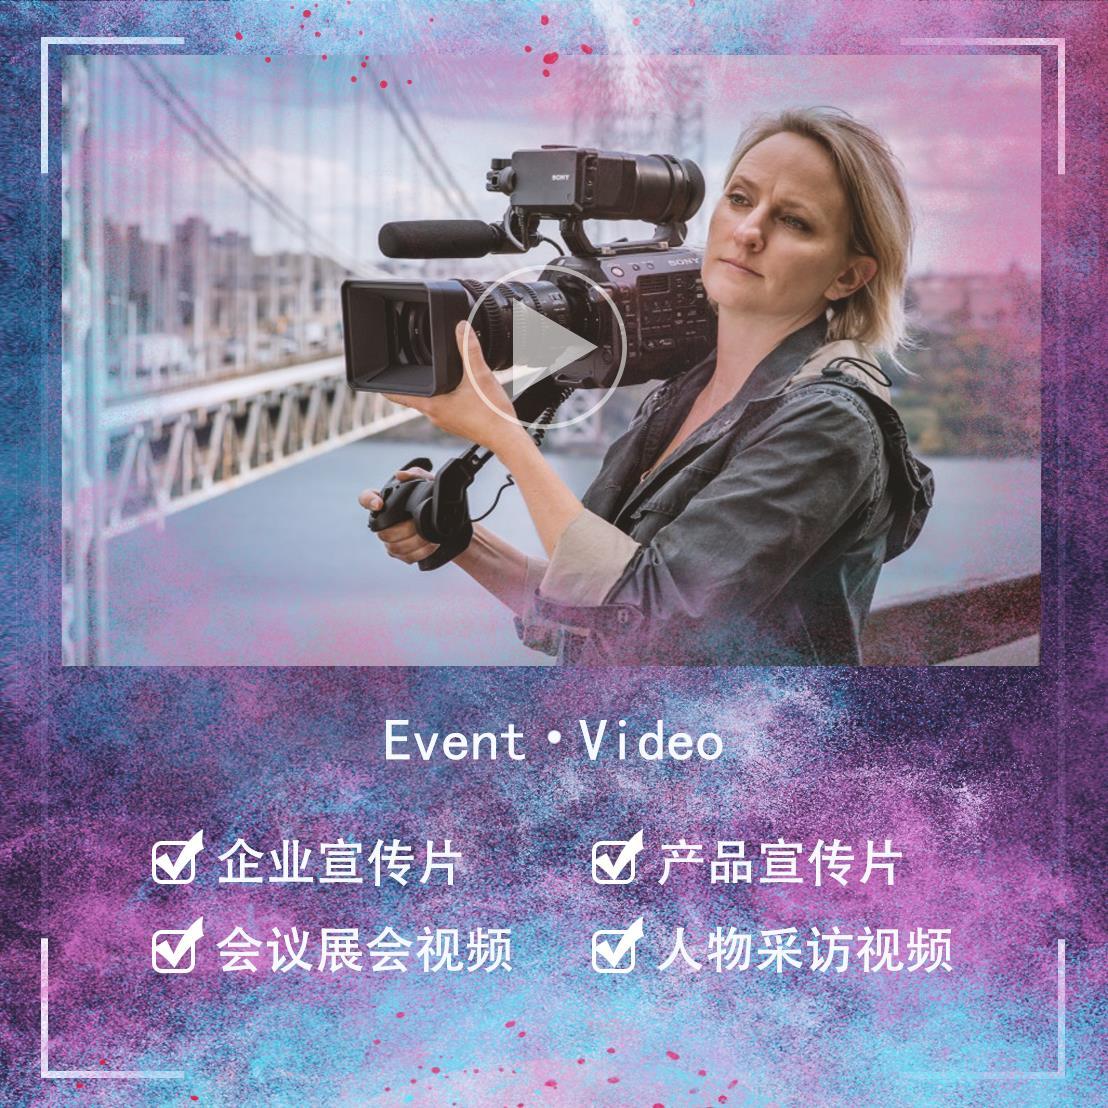 阜新企业宣传片年会采访视频制作广告产品人物微电影活动上门拍摄